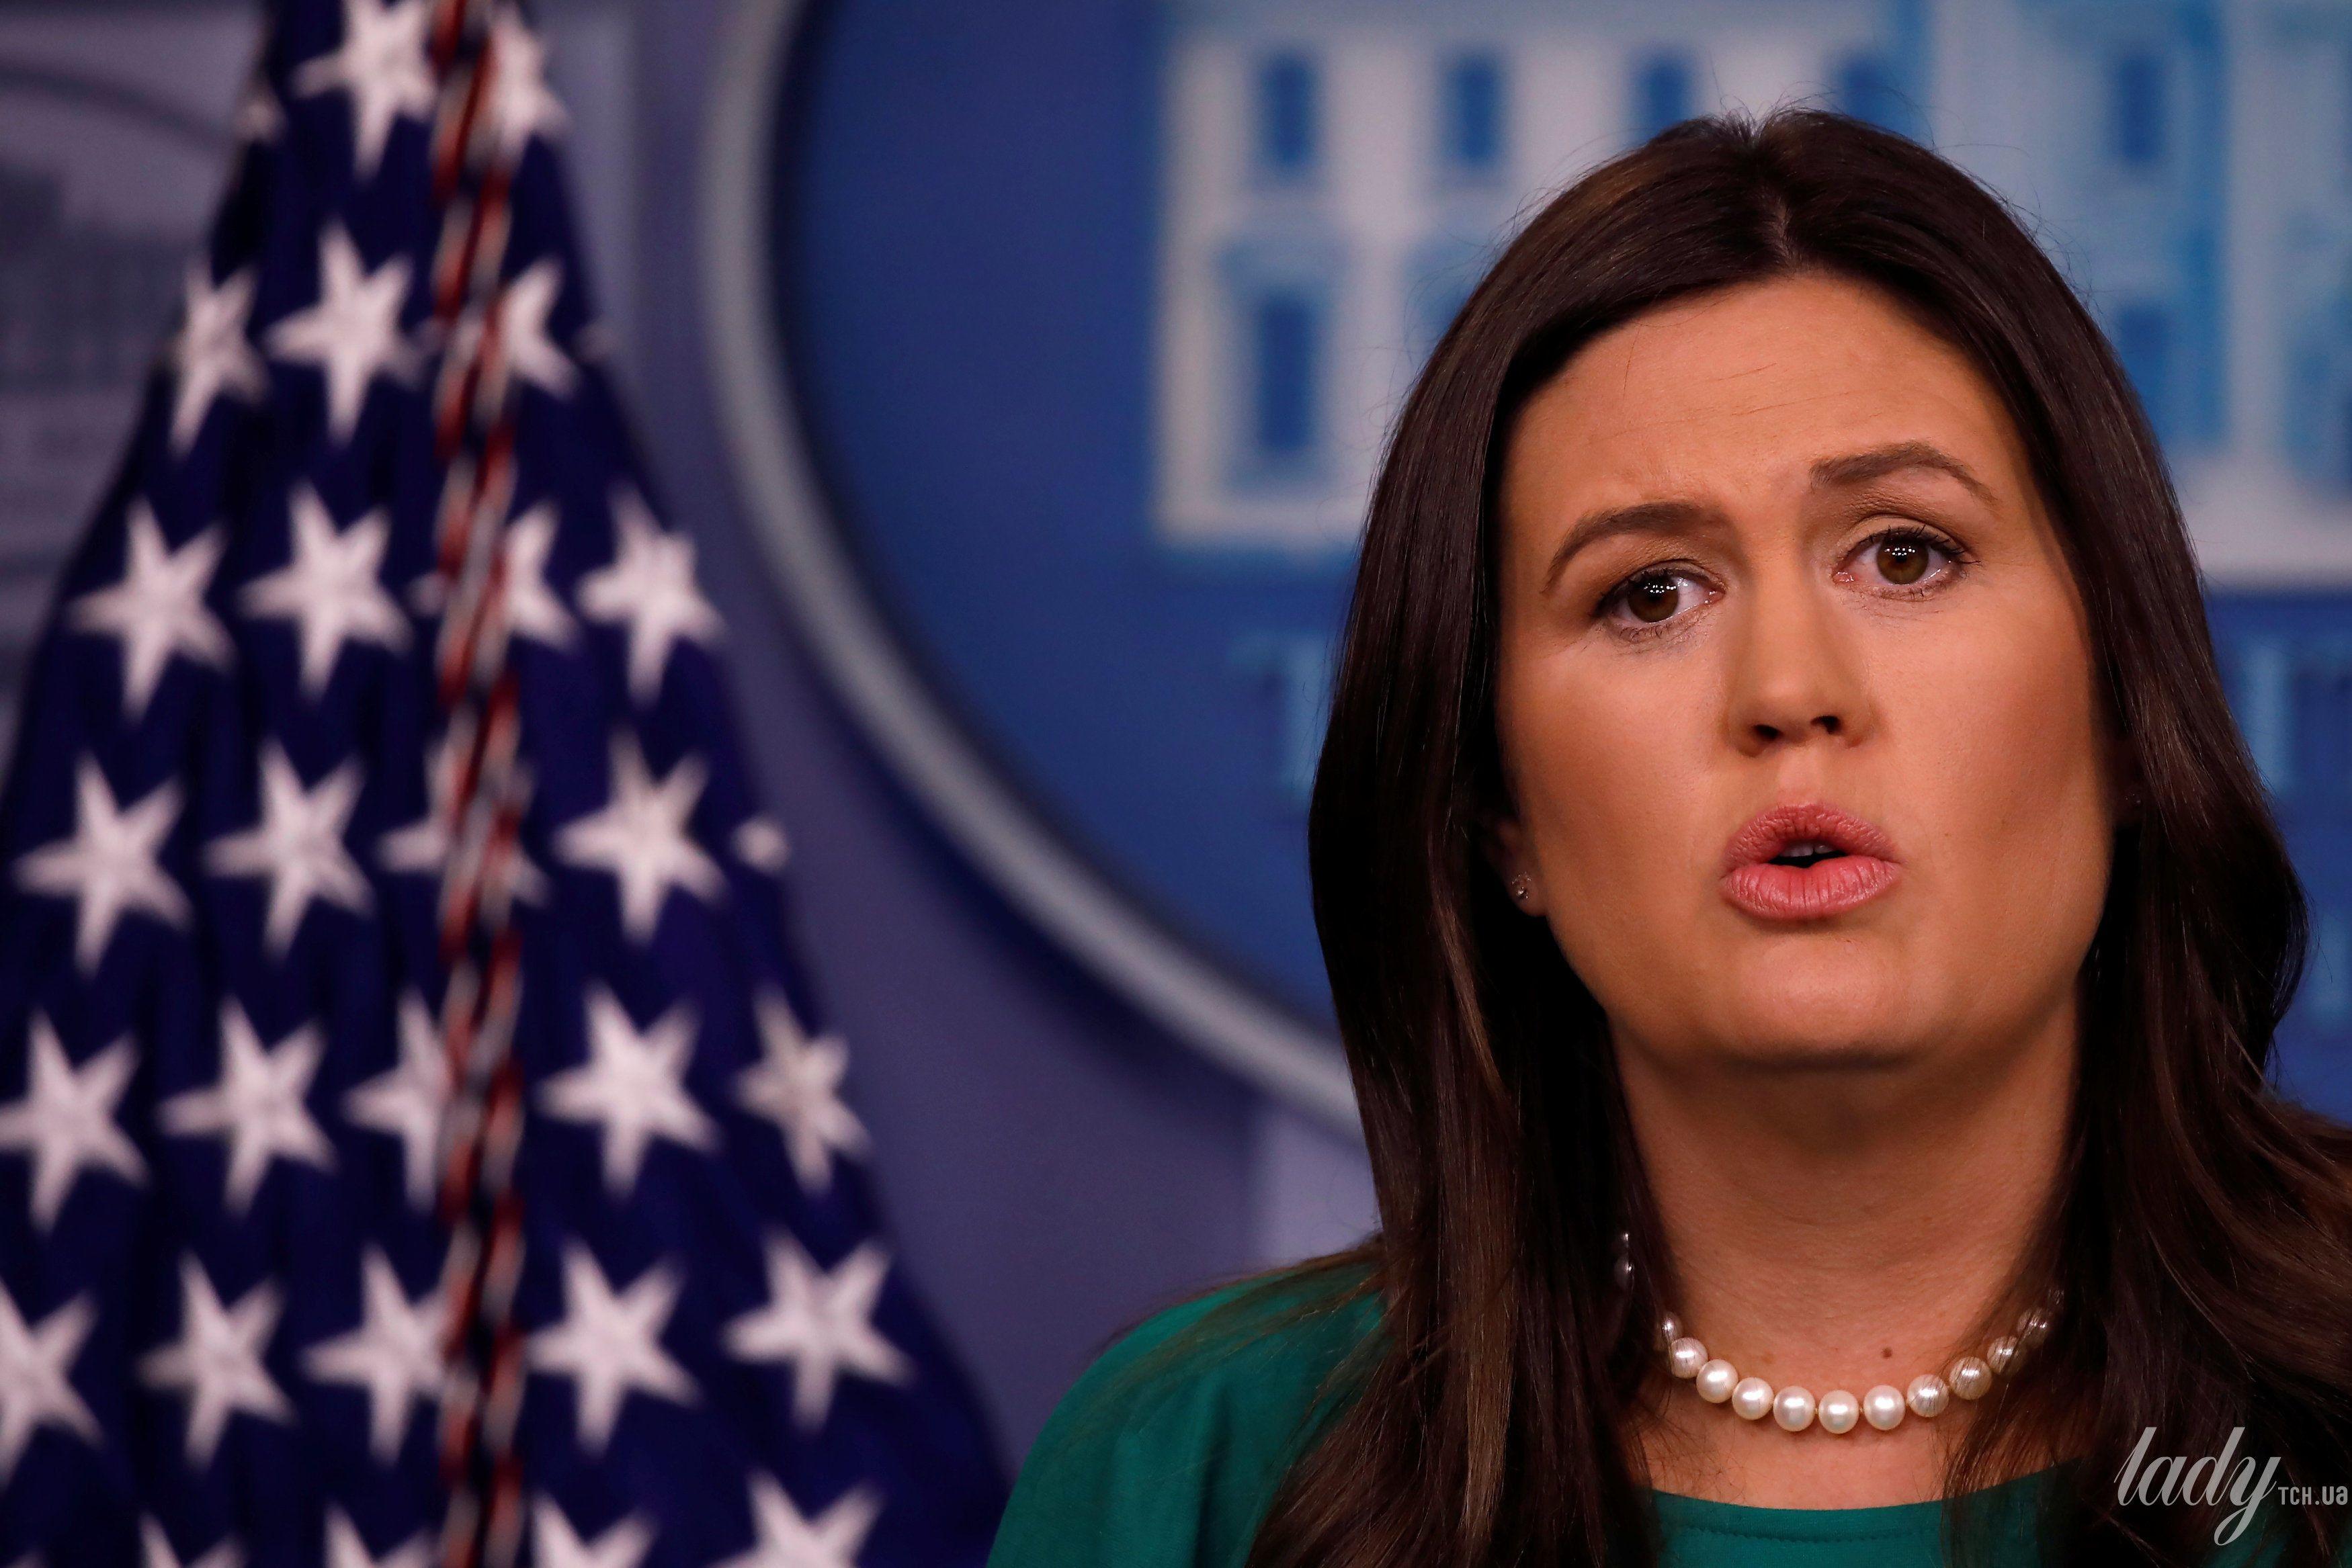 Пресс-секретарь Белого дома США_2